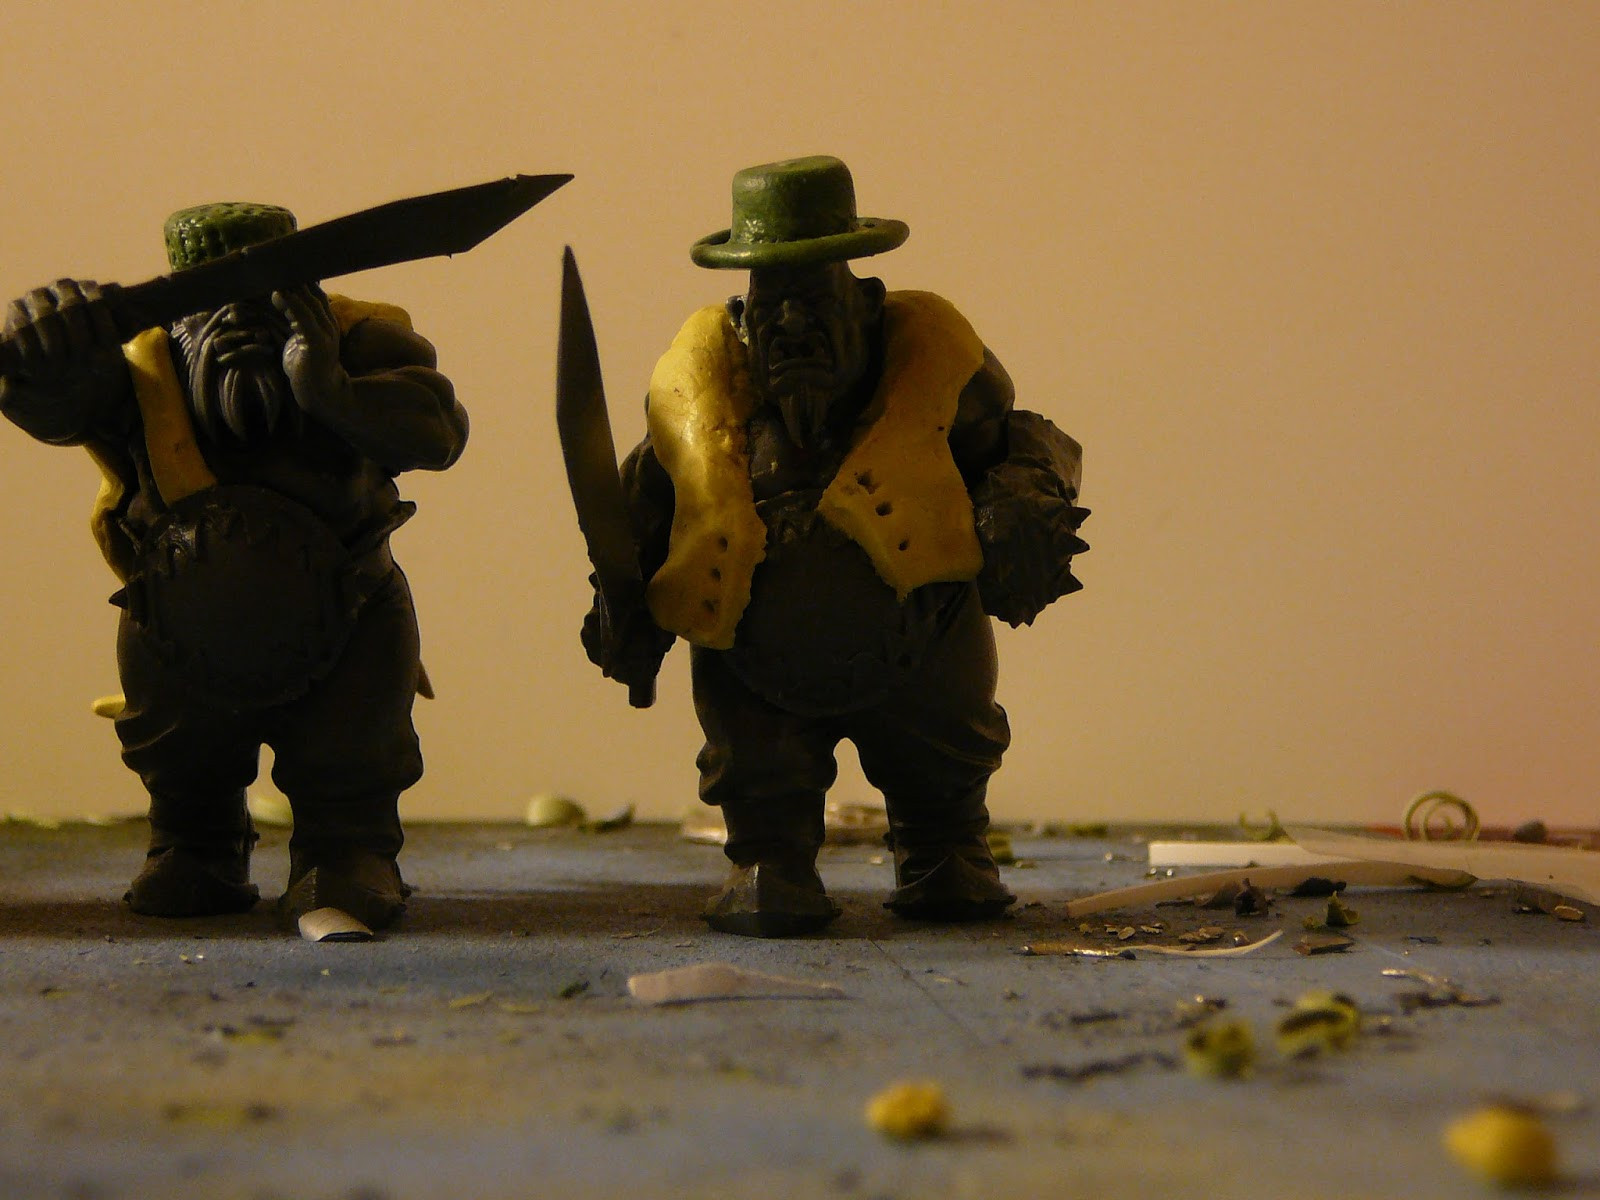 ogre - [OGRE] - Vampirekhaine's ogres (PIC HEAVY) P1050154